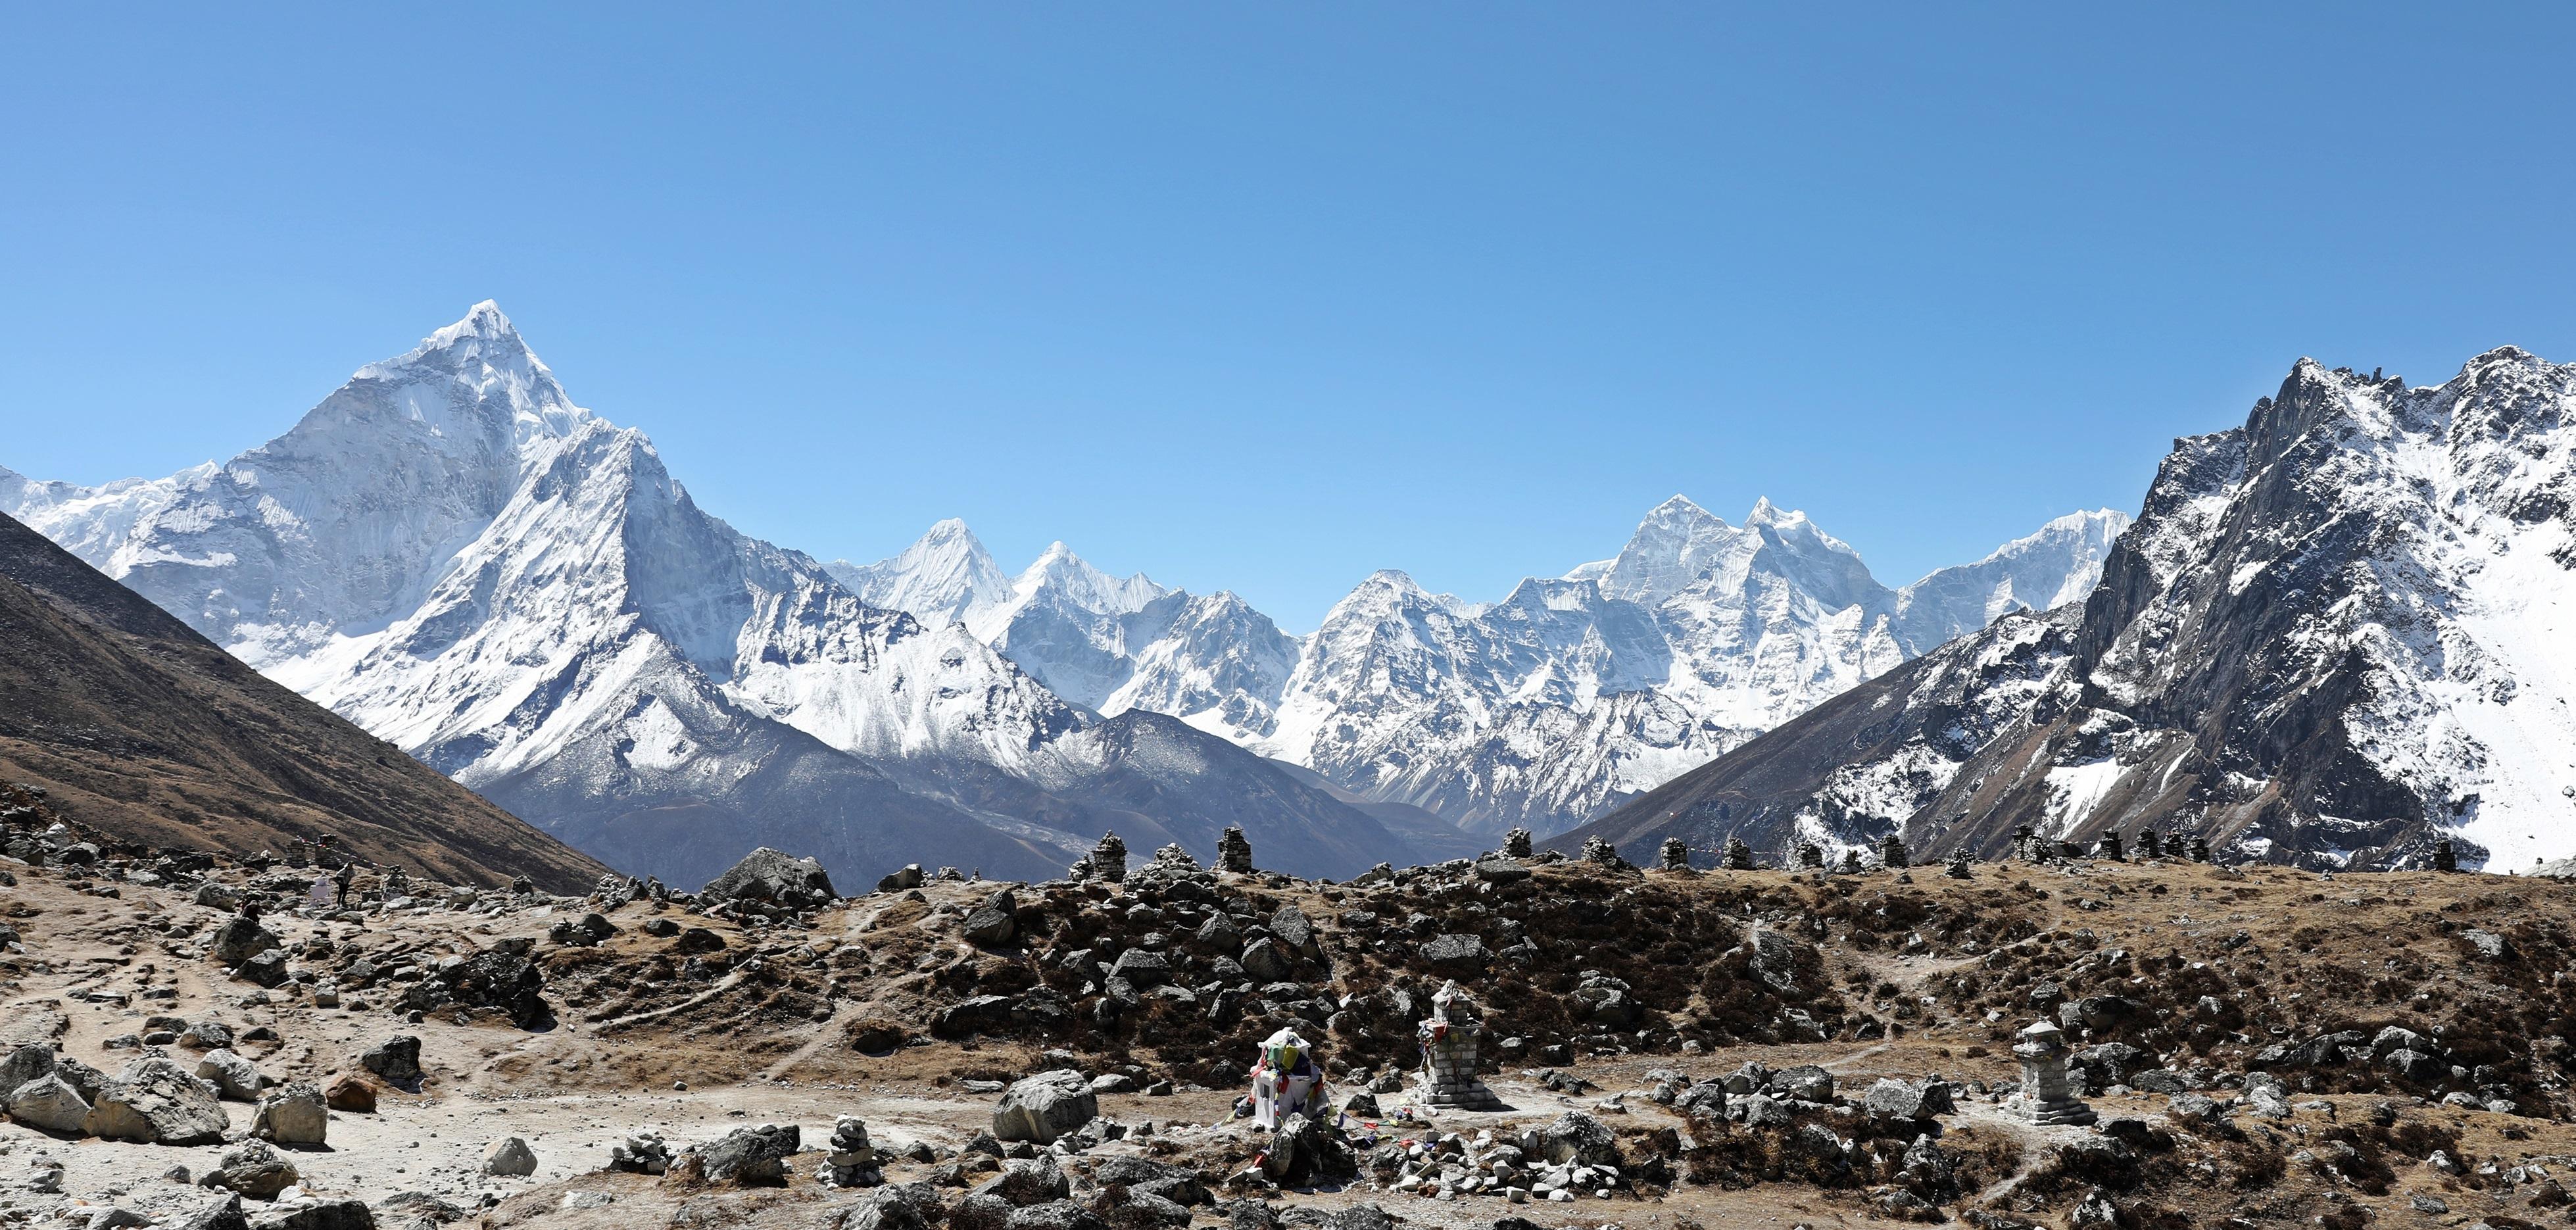 Everest Climbers' Memorial